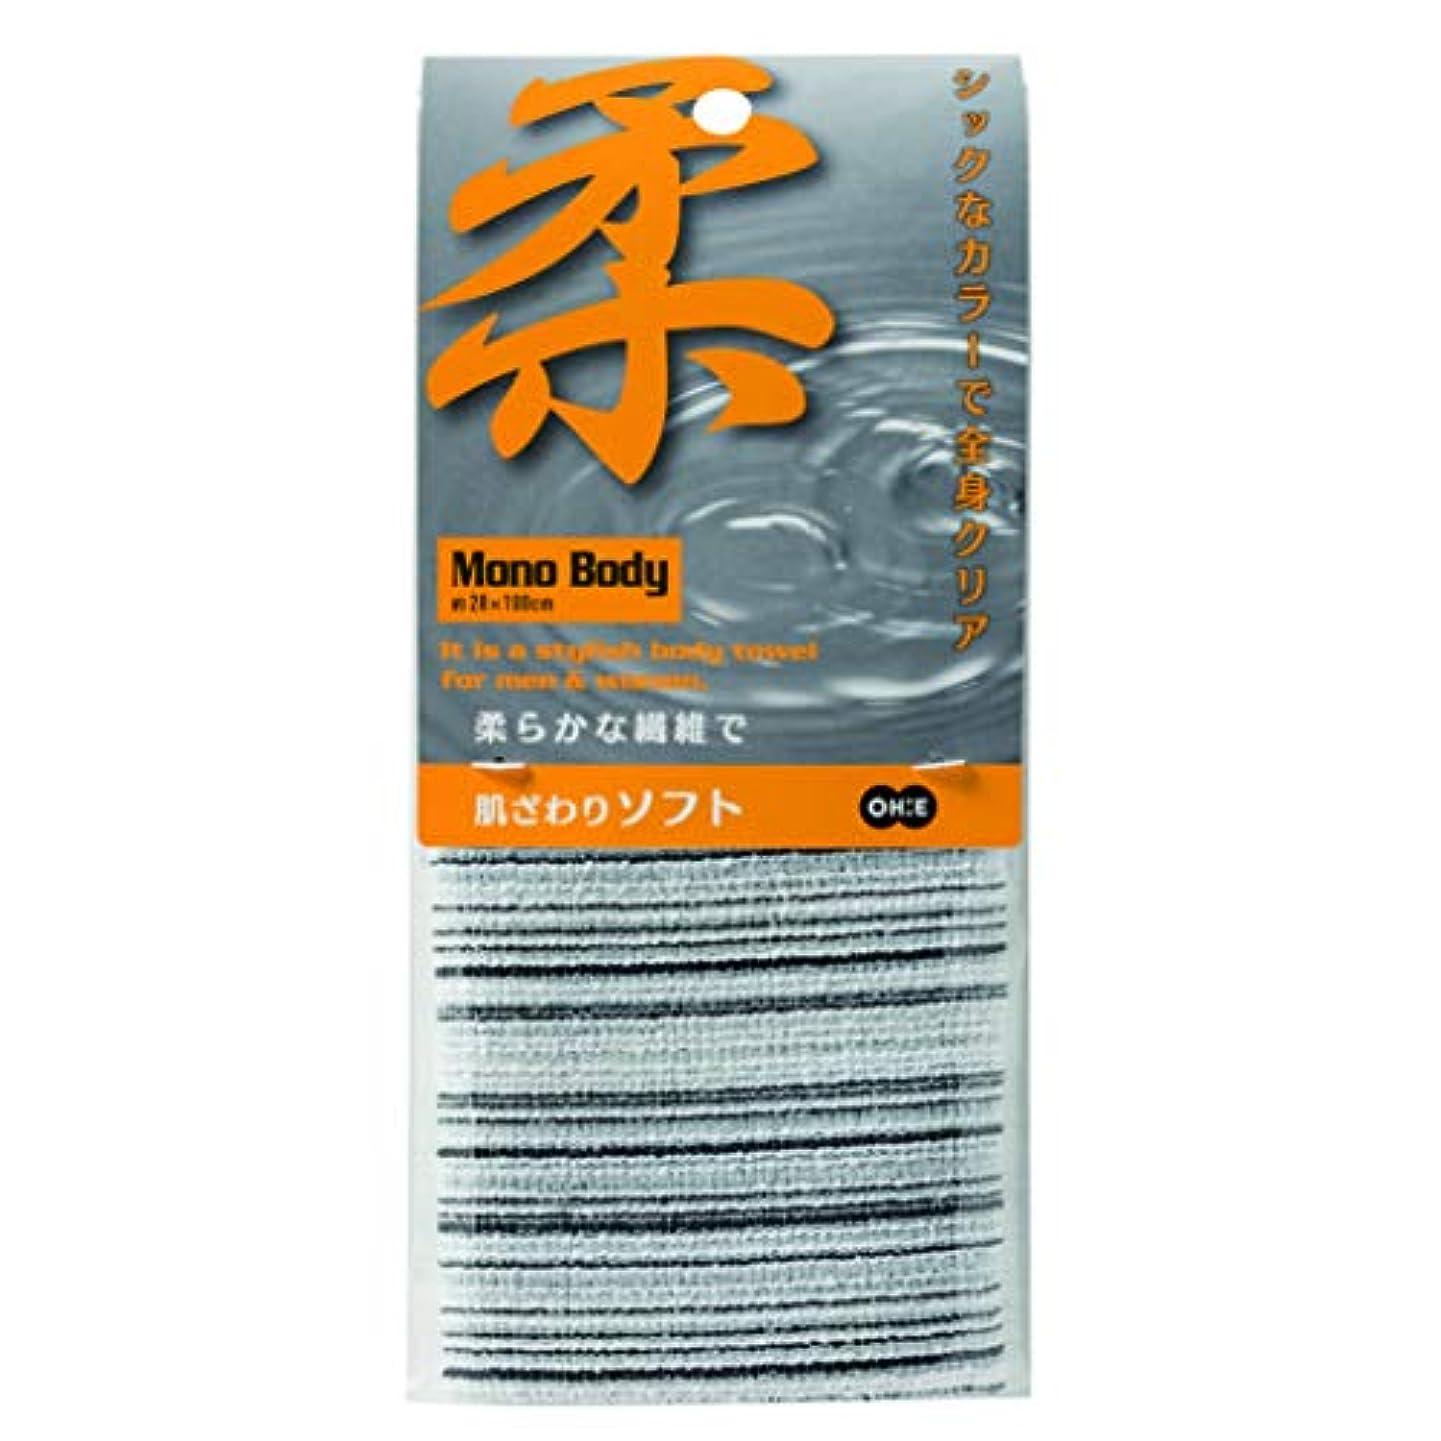 性能拳結紮オーエ ボディタオル グレー 黒 約幅28×長さ100cm MB 柔 ソフト ストライプ 体洗い 日本製